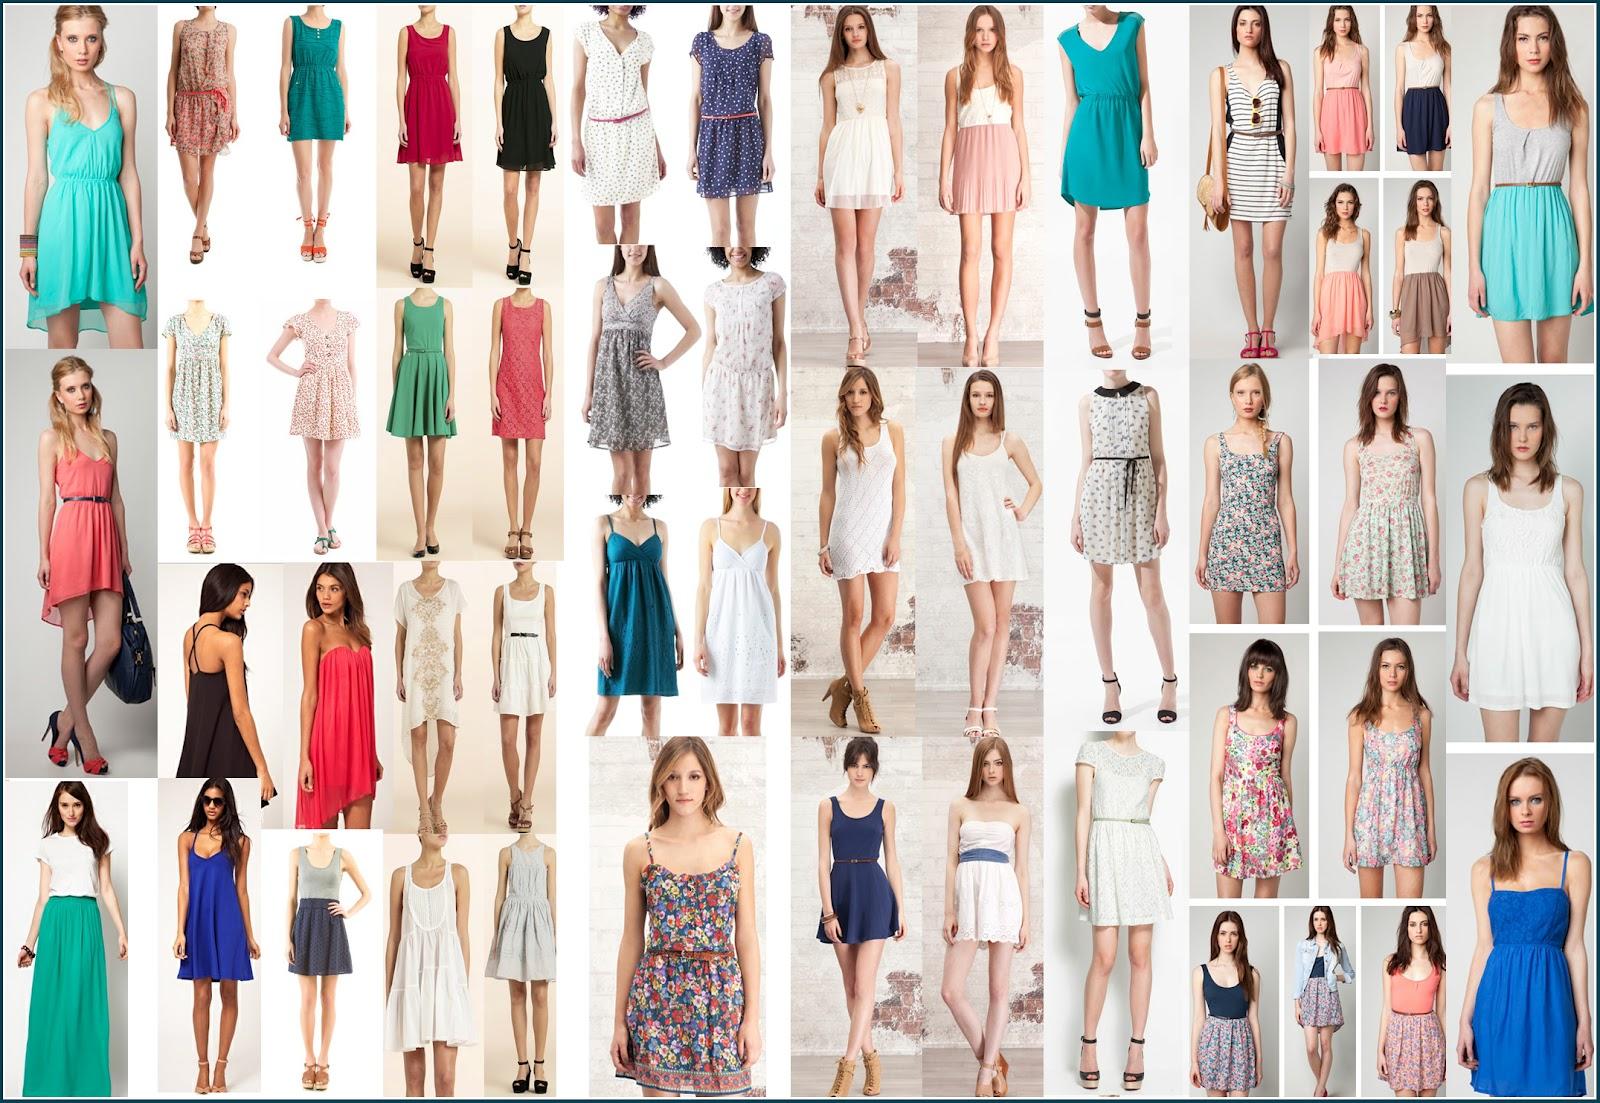 vestidos en mi primera entrada os dejo diferentes tipos de vestidos